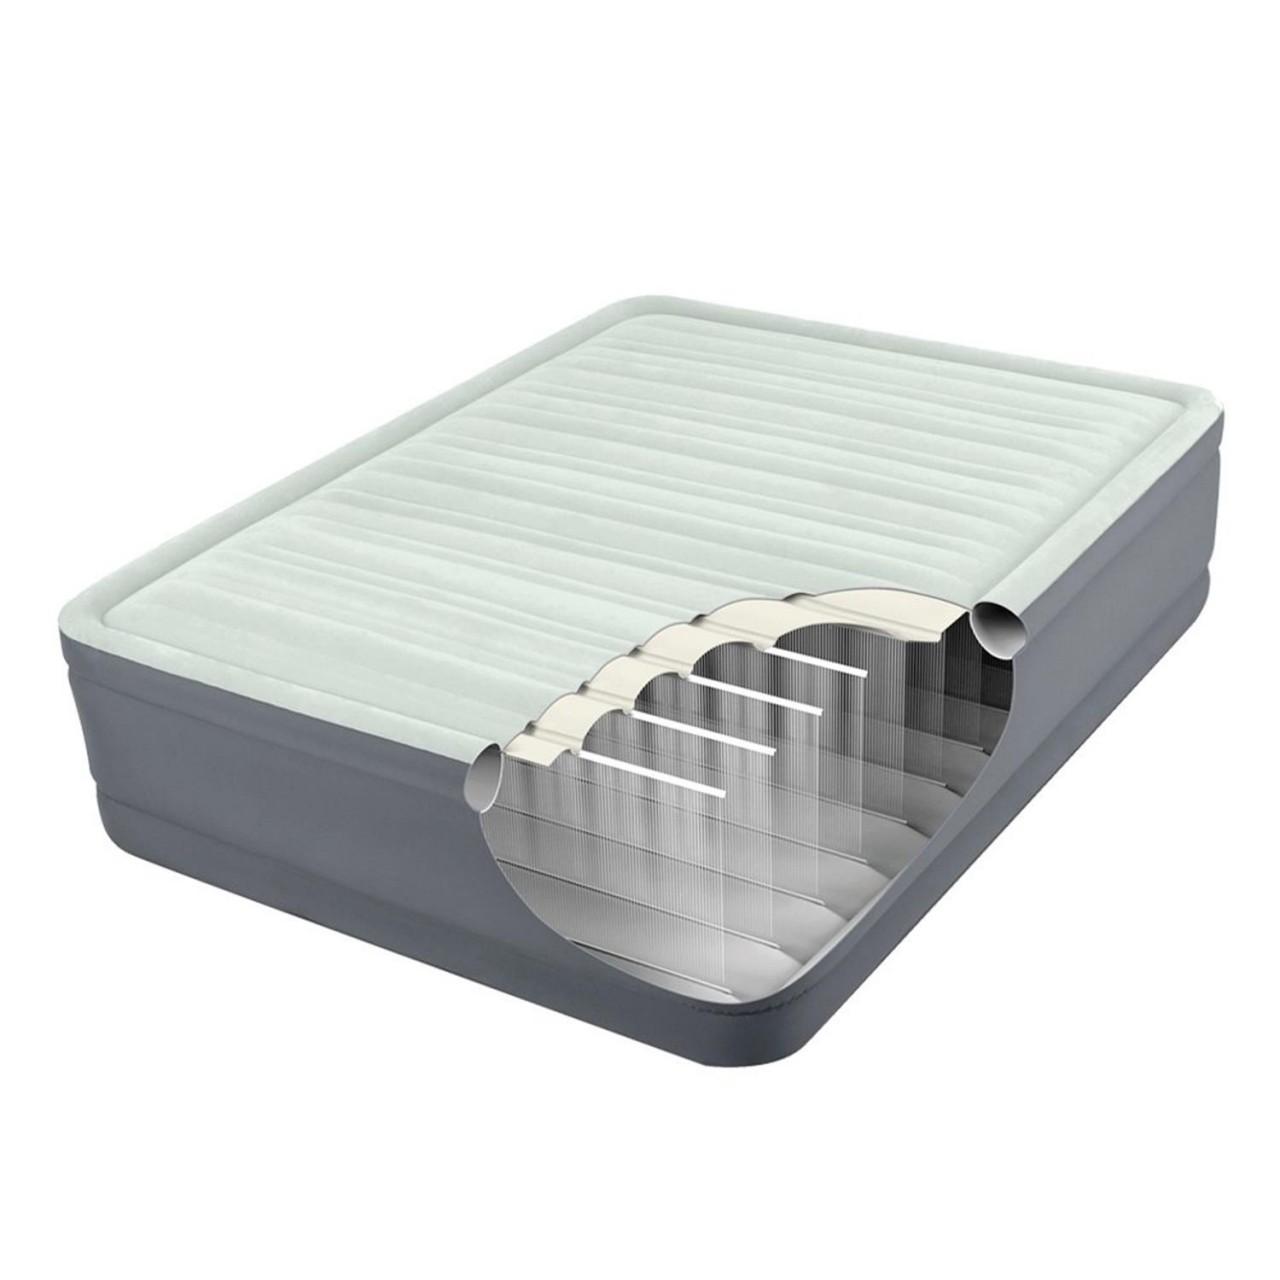 Intex Luftbett mit Pumpe PremAire Gästebett 203x152x46cm selbstaufblasend 64906